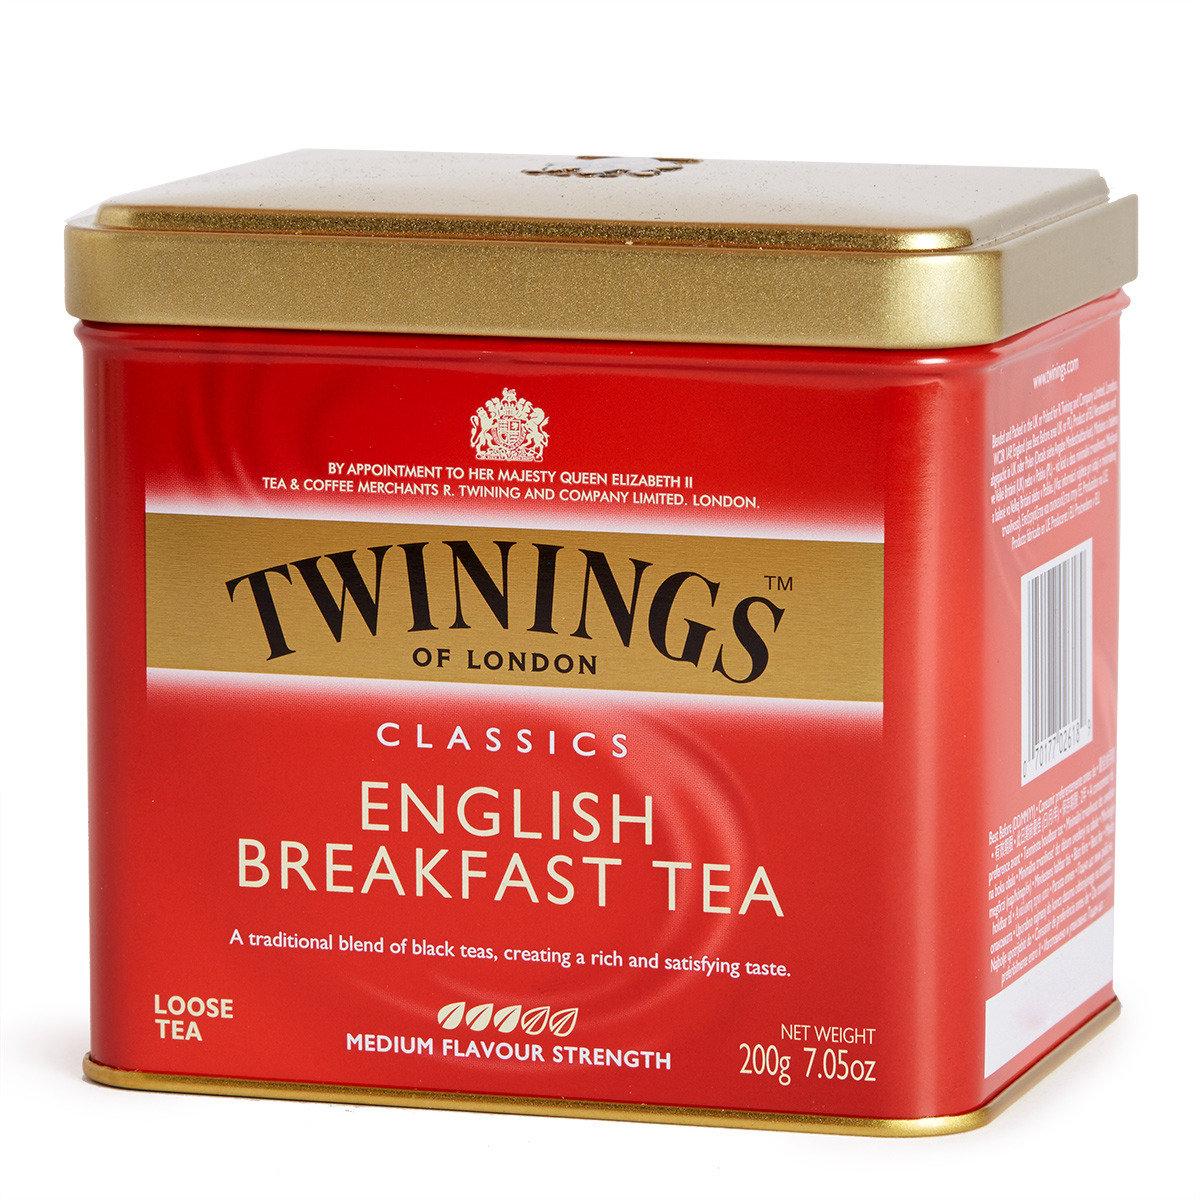 英國早餐茶葉 (紅)(賞味期限: 28/12/2016)